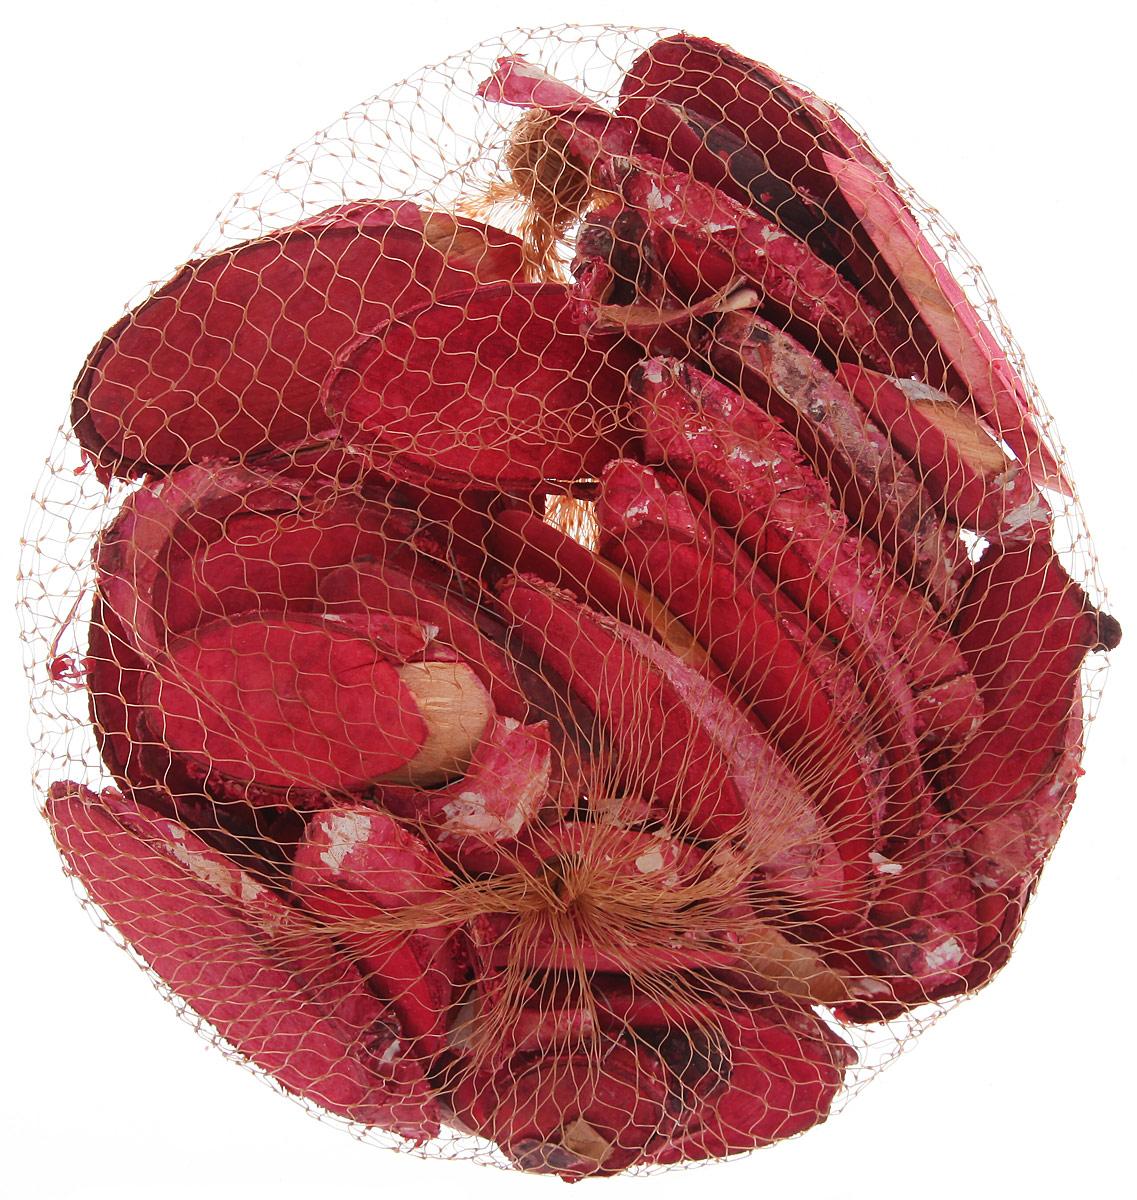 Декоративный элемент Dongjiang Art Срез ветки, цвет: красный, толщина 7 мм, 250 гRSP-202SДекоративный элемент Dongjiang Art Срез ветки изготовлен из дерева.Изделие предназначено для декорирования. Срез может пригодиться во флористике и многом другом. Декоративный элемент представляет собой тонкий срез ветки. Флористика - вид декоративно-прикладного искусства, который использует живые, засушенные или консервированные природные материалы для создания флористических работ. Это целый мир, в котором есть место и строгому математическому расчету, и вдохновению, полету фантазии. Толщина среза: 7 мм.